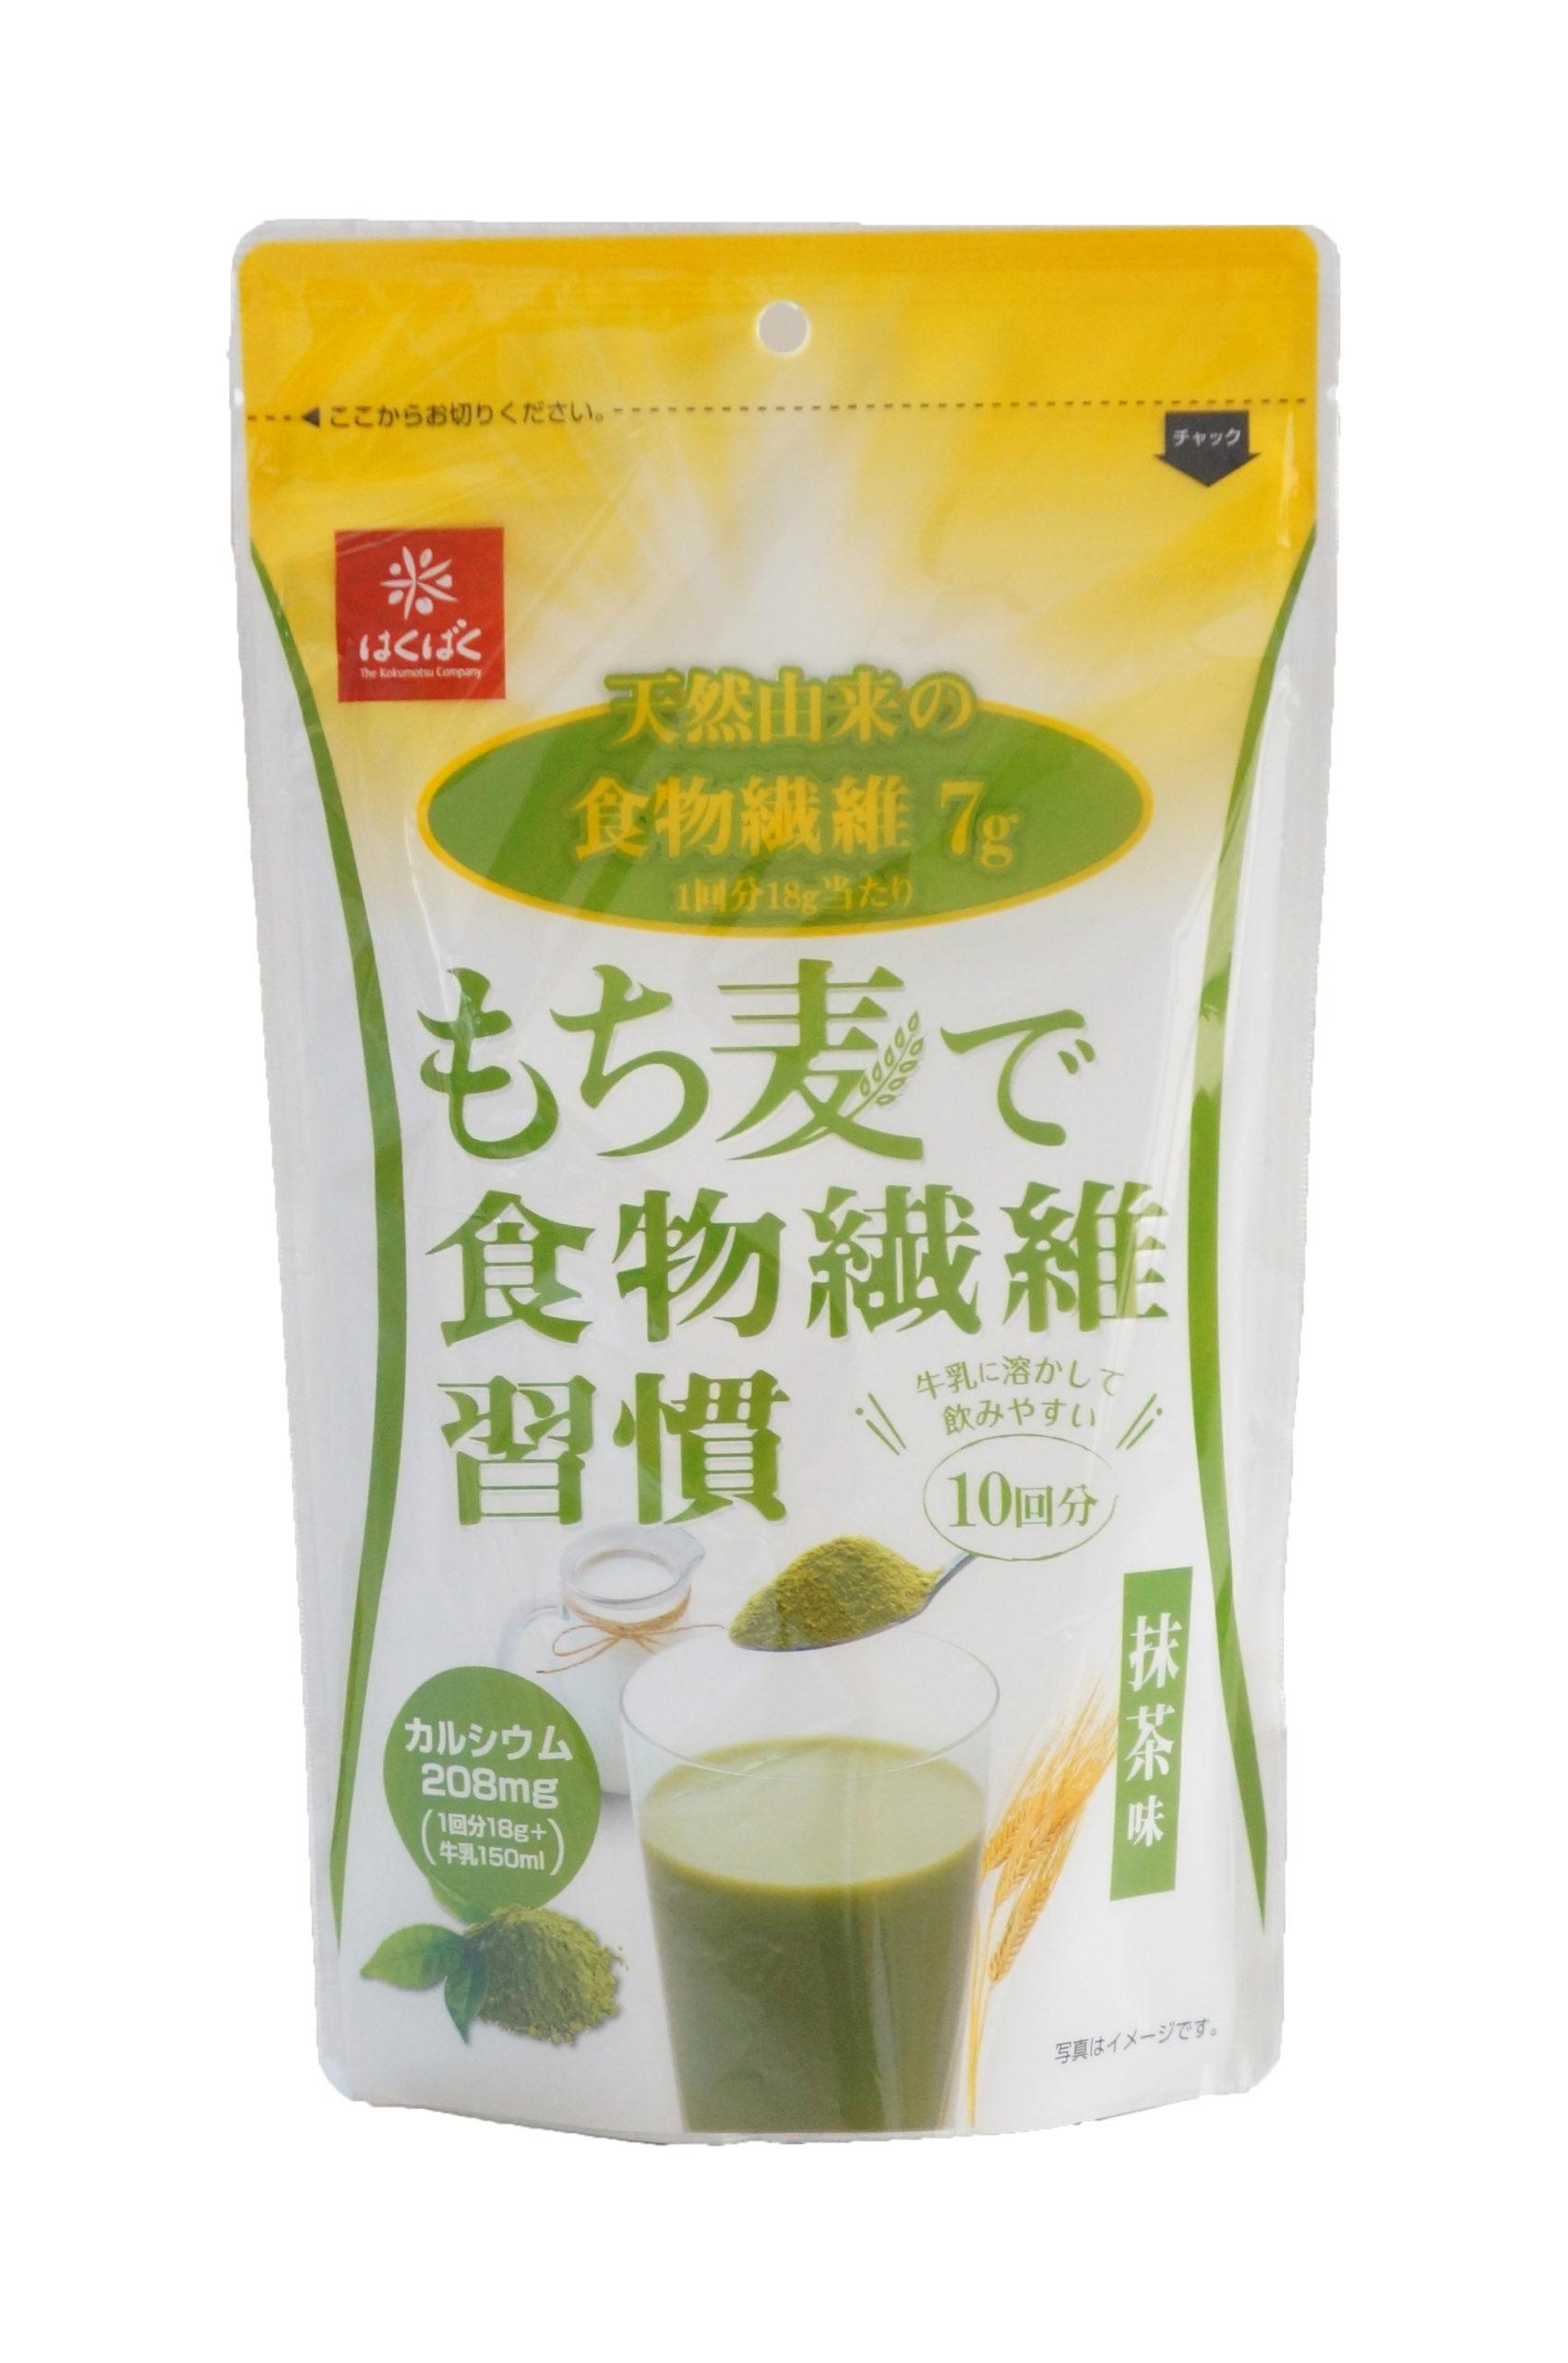 もち麦で食物繊維習慣 抹茶味